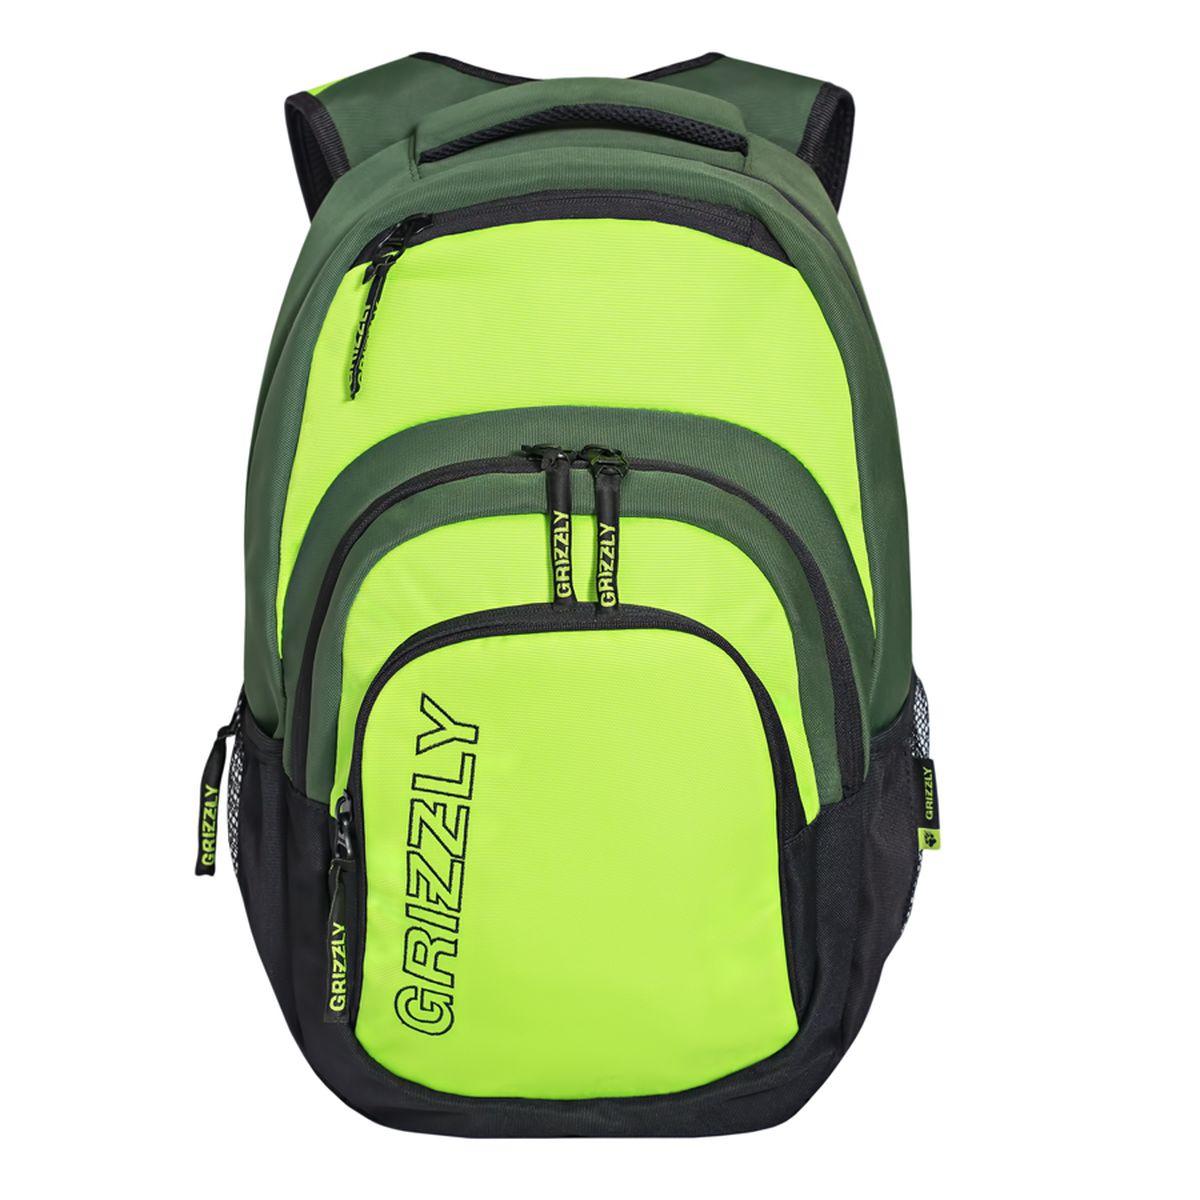 Рюкзак молодежный Grizzly, цвет: черный-салатовый. 32 л. RU-704-1/2RivaCase 7560 redРюкзак молодежный, одно отделение, карман на молнии на передней стенке, объемный карман на молнии на передней стенке, боковые карманы из сетки, внутренний составной пенал-органайзер, внутренний укрепленный карман для ноутбука, укрепленная спинка, карман быстрого доступа в верхней части рюкзака, мягкая укрепленная ручка, нагрудная стяжка-фиксатор, укрепленные лямки